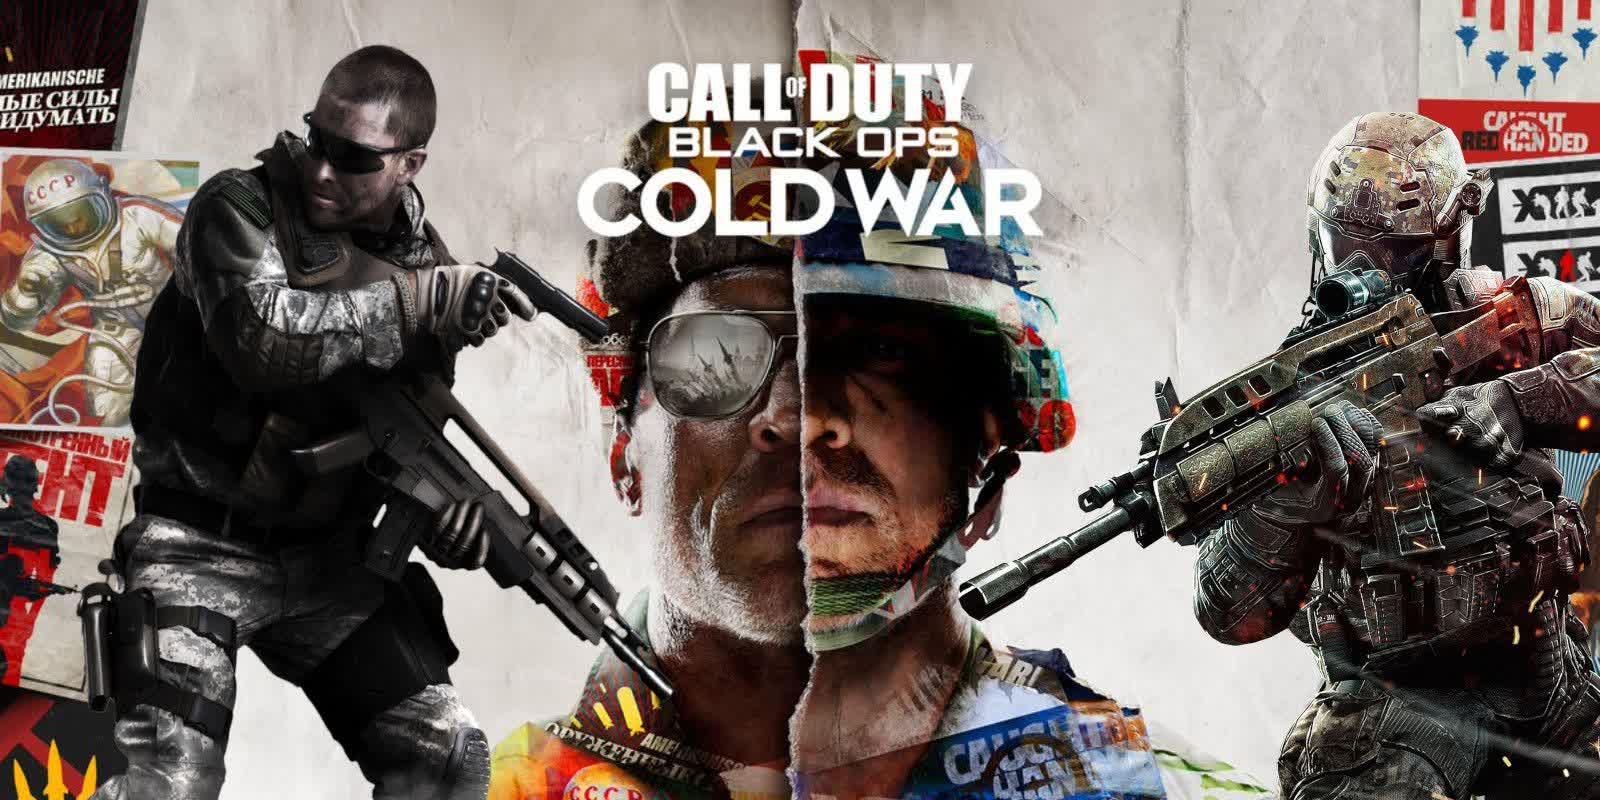 Przypomnienie dla zapominalskich: premiera Call of Duty: Black Ops Cold War ju¿ dzi¶